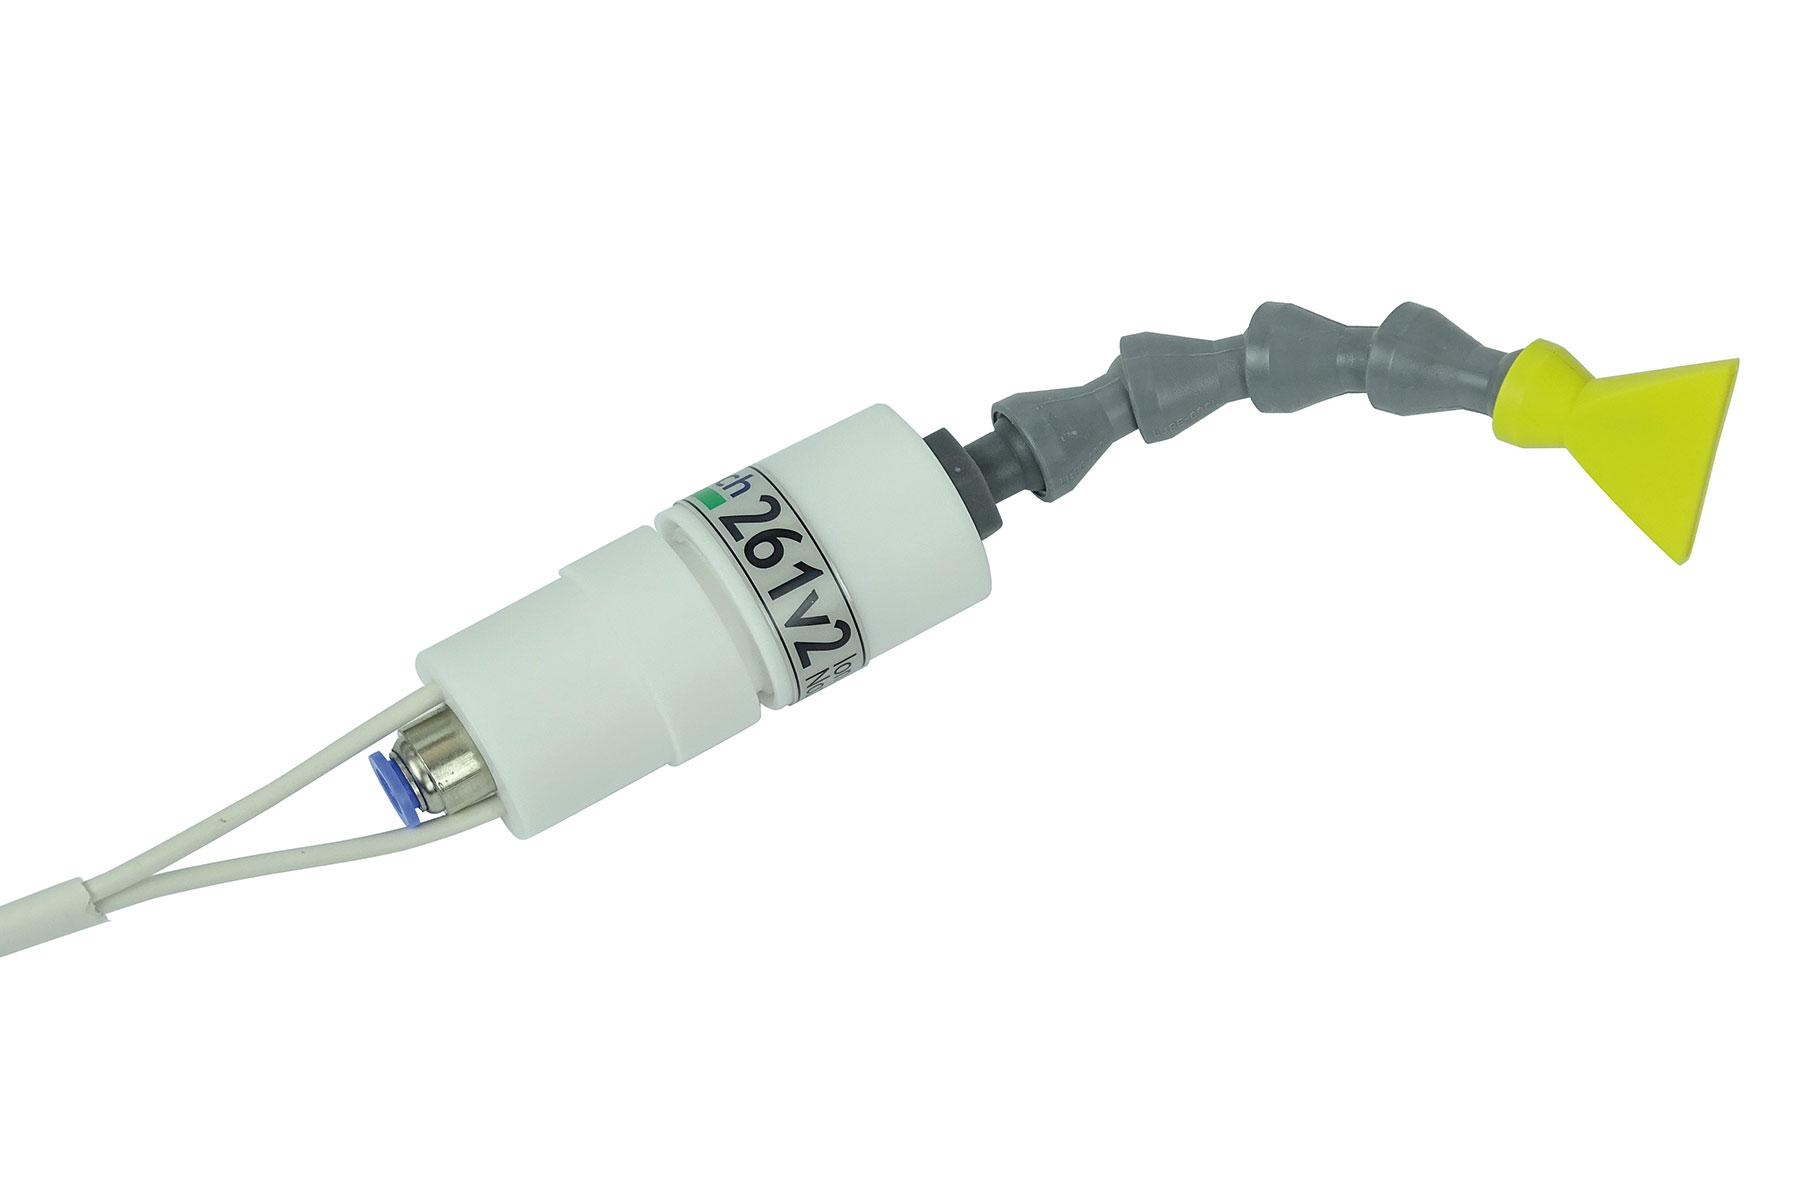 261v2 Flexi Nozzle